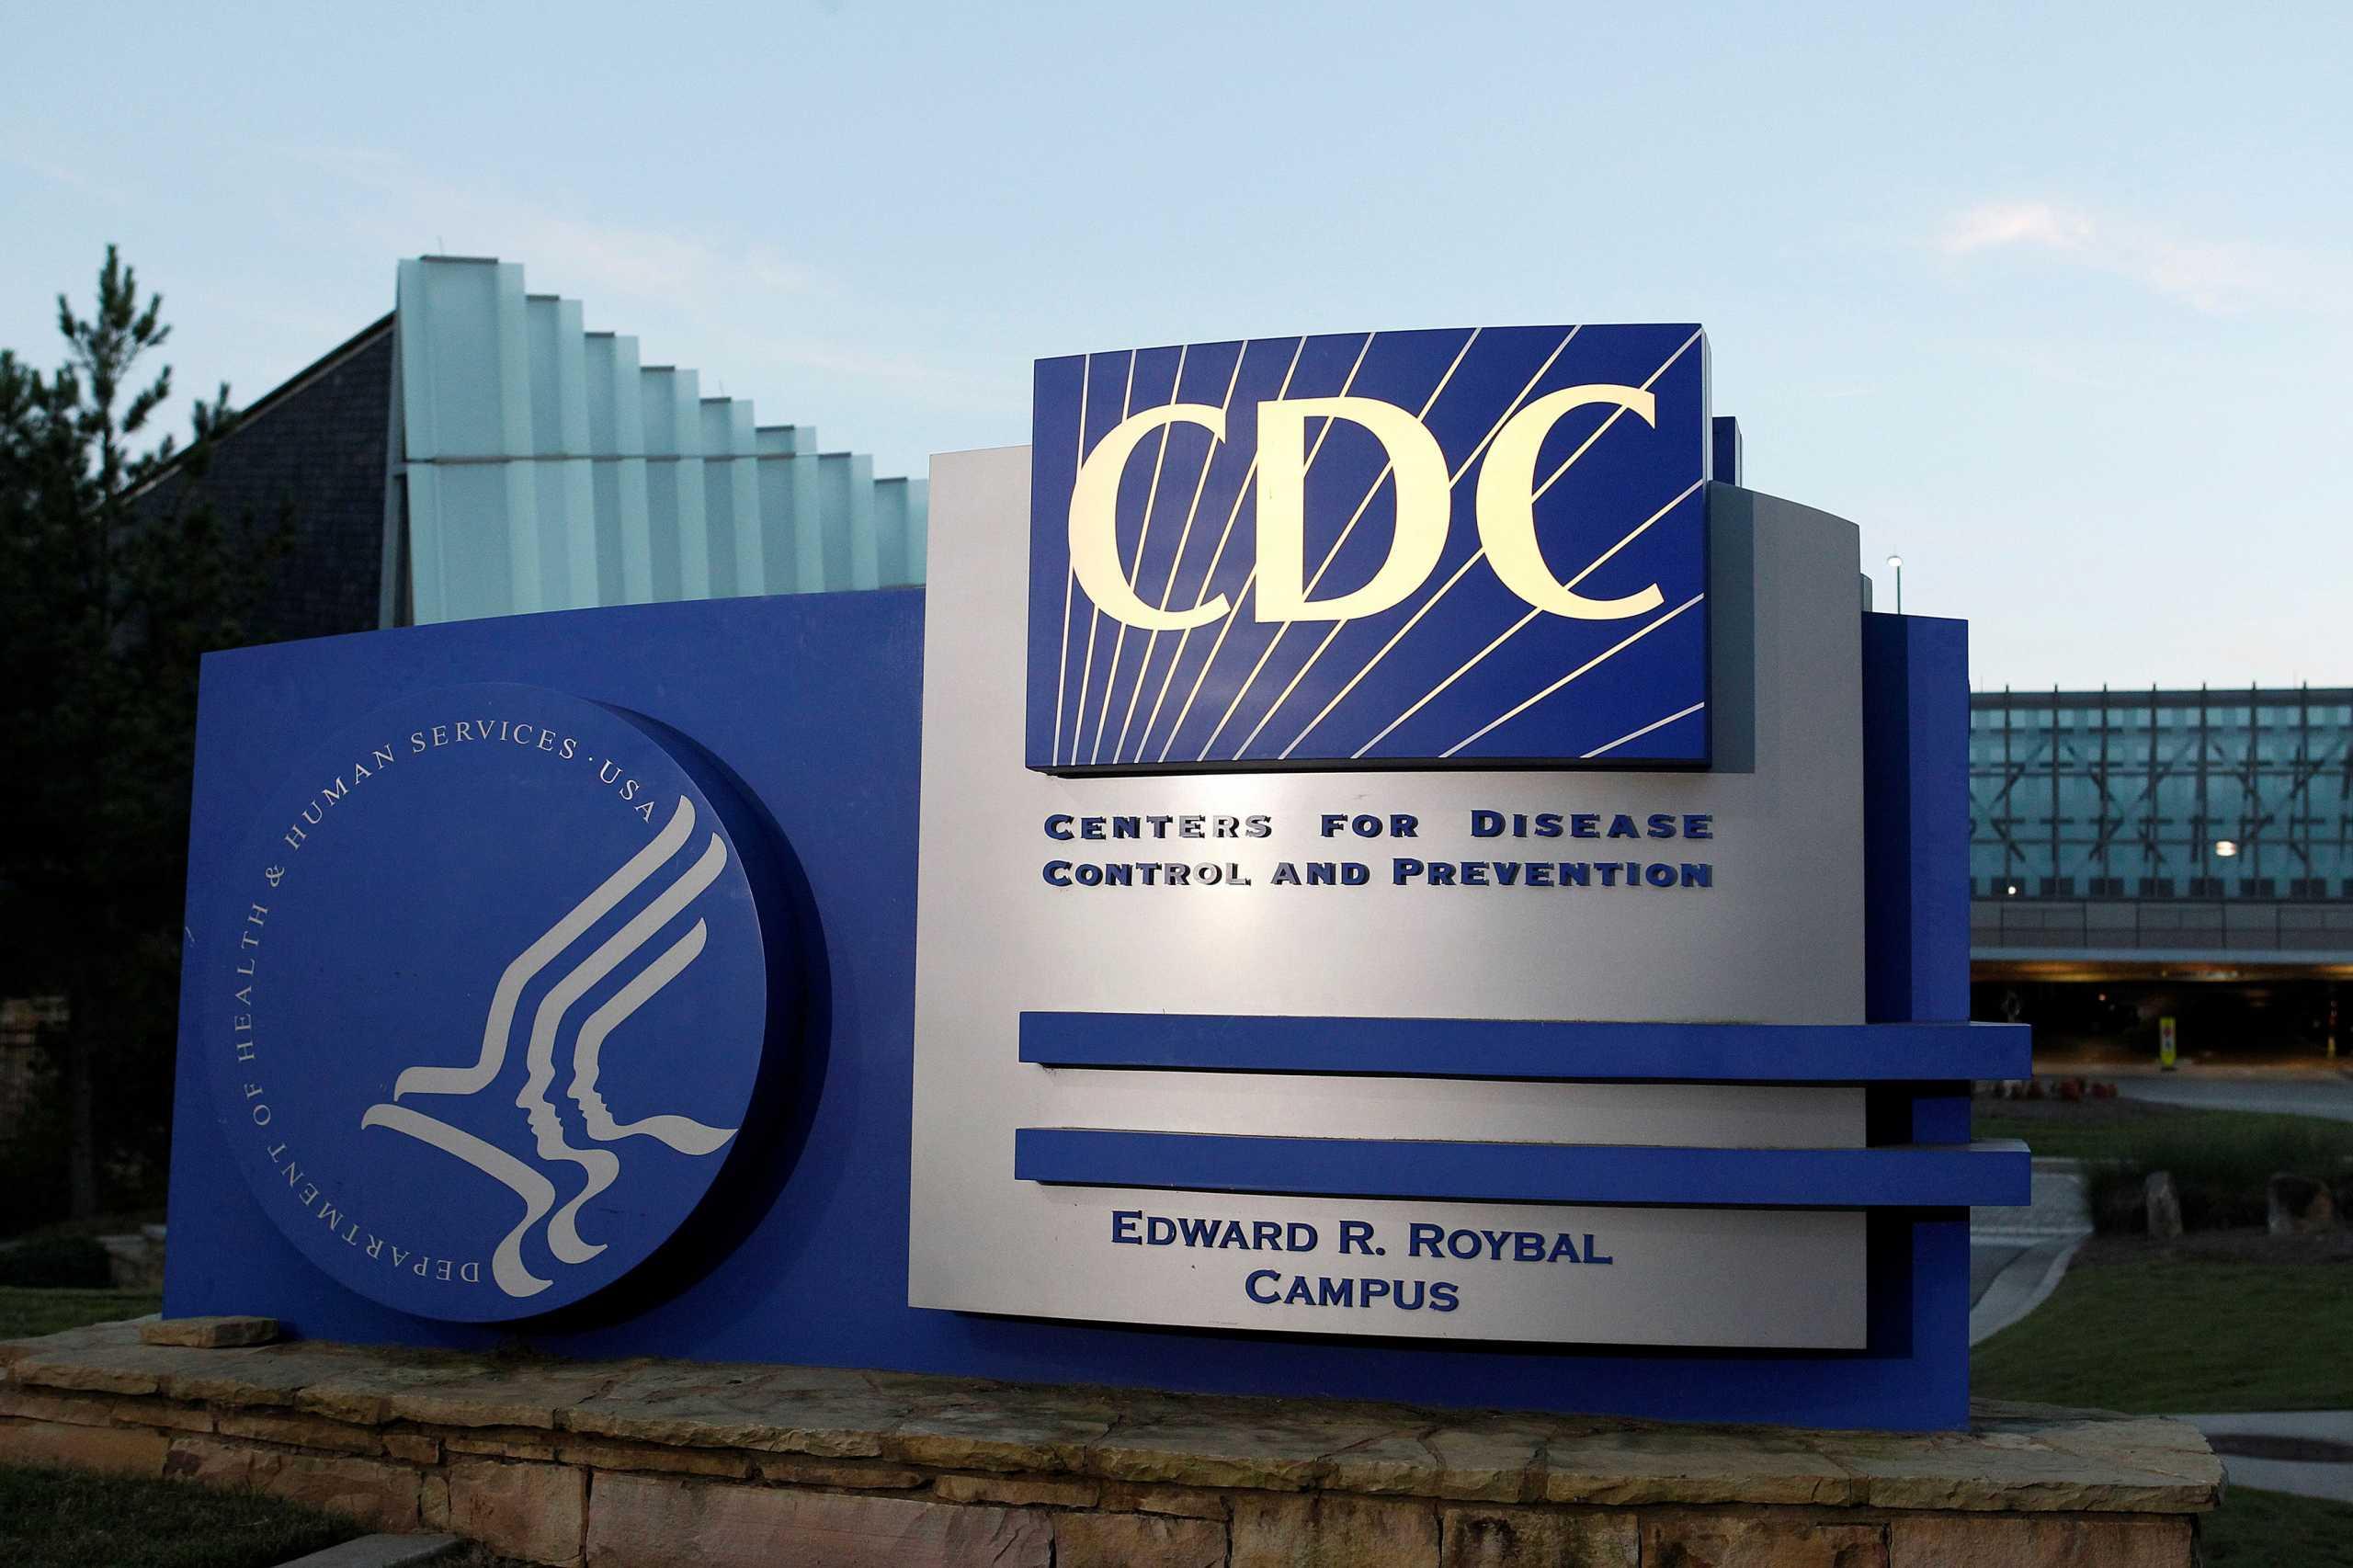 Νέες οδηγίες του CDC για τα mRNA εμβόλια